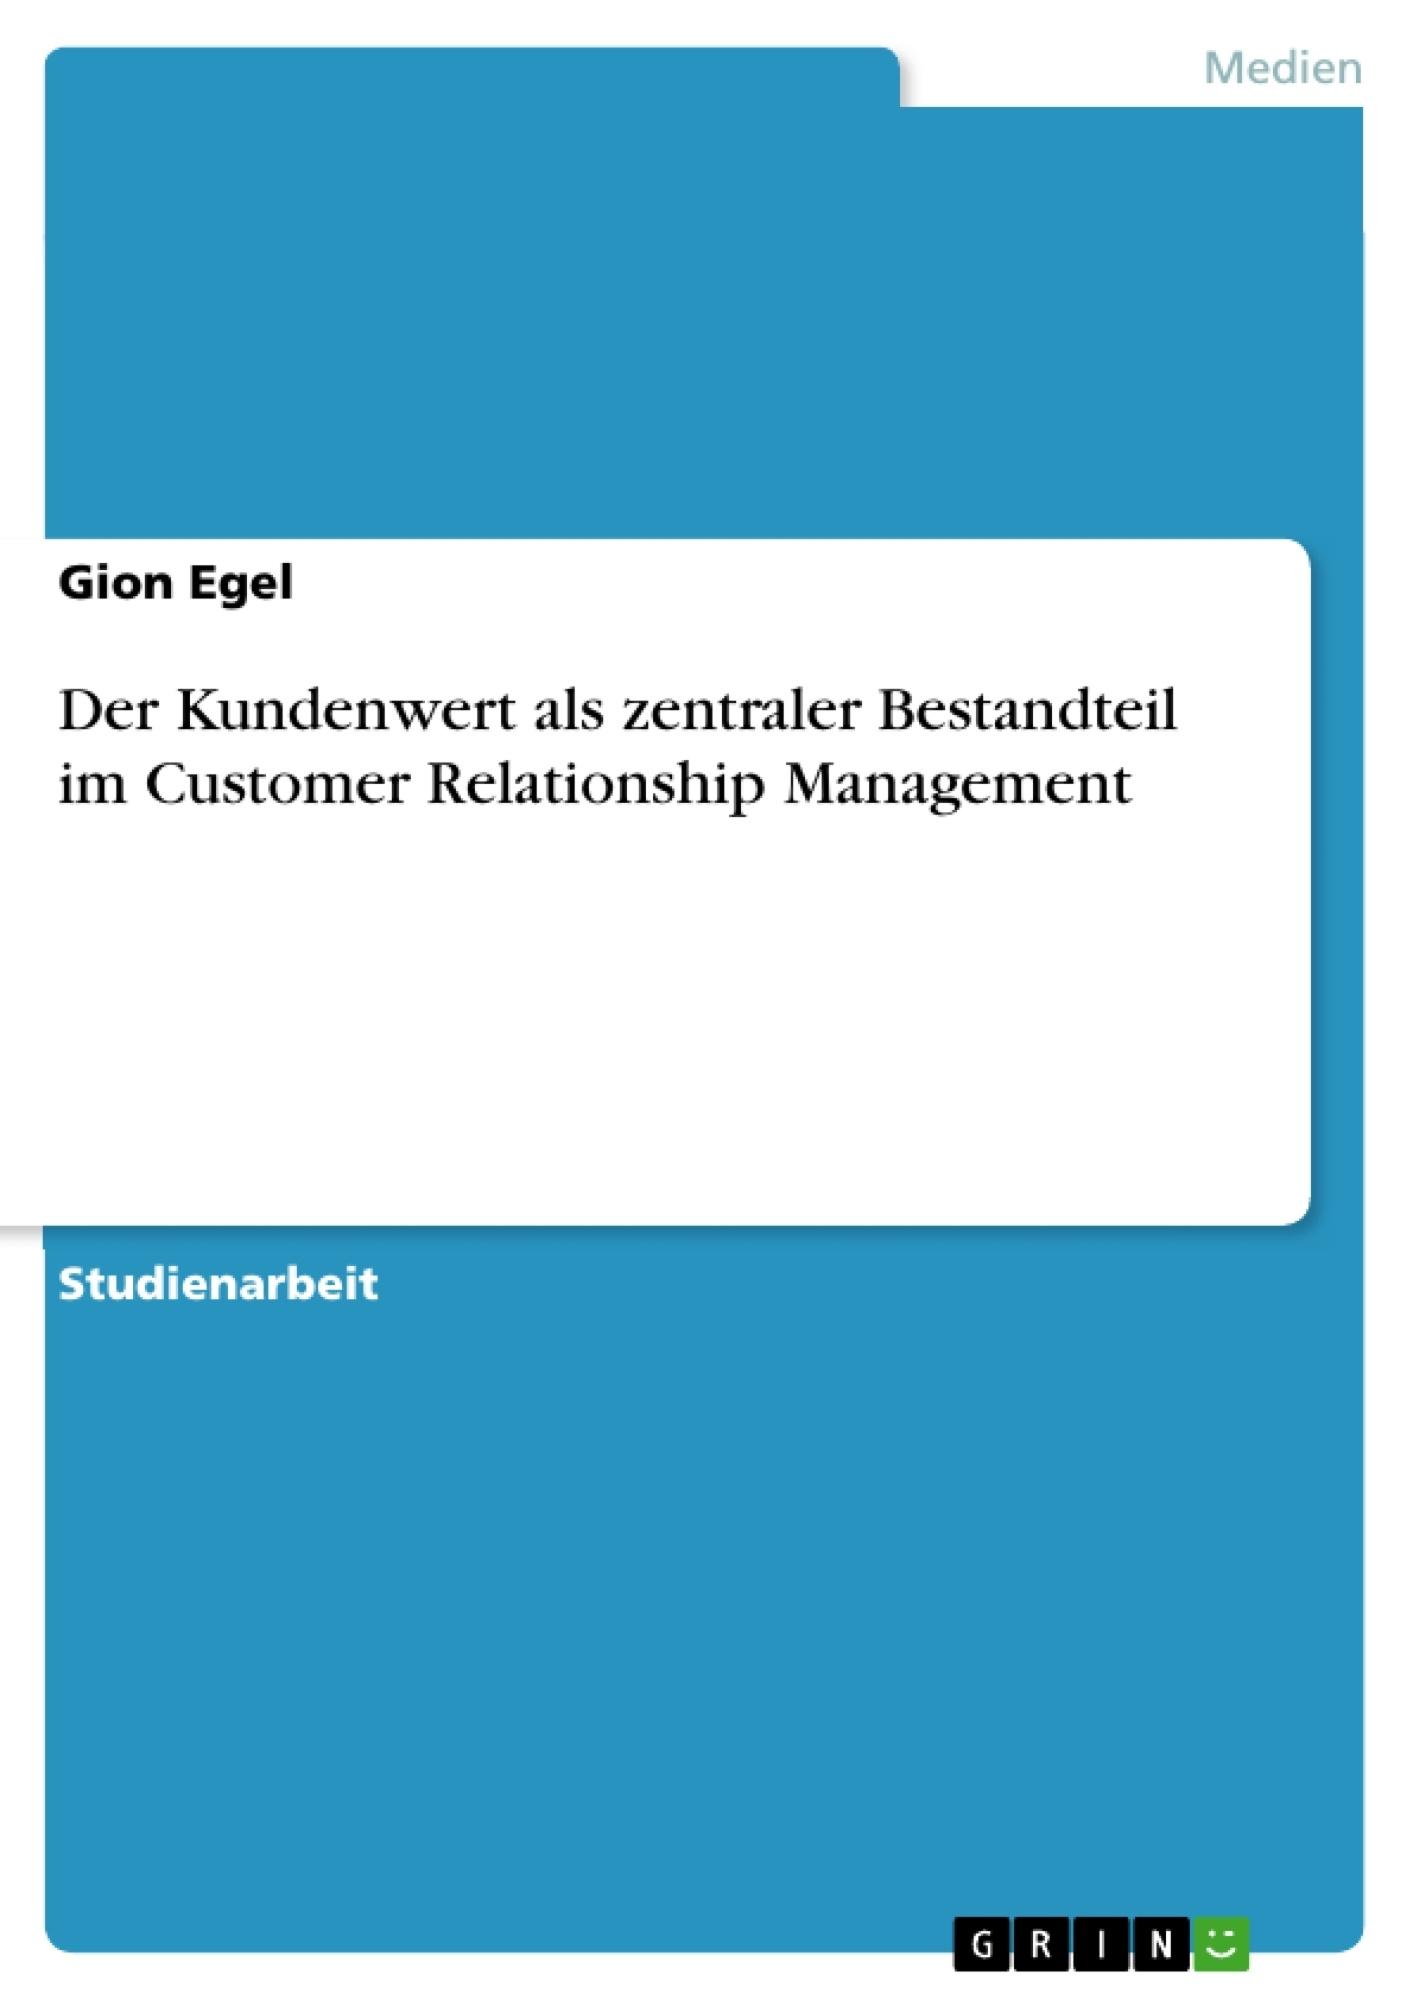 Titel: Der Kundenwert als zentraler Bestandteil im Customer Relationship Management